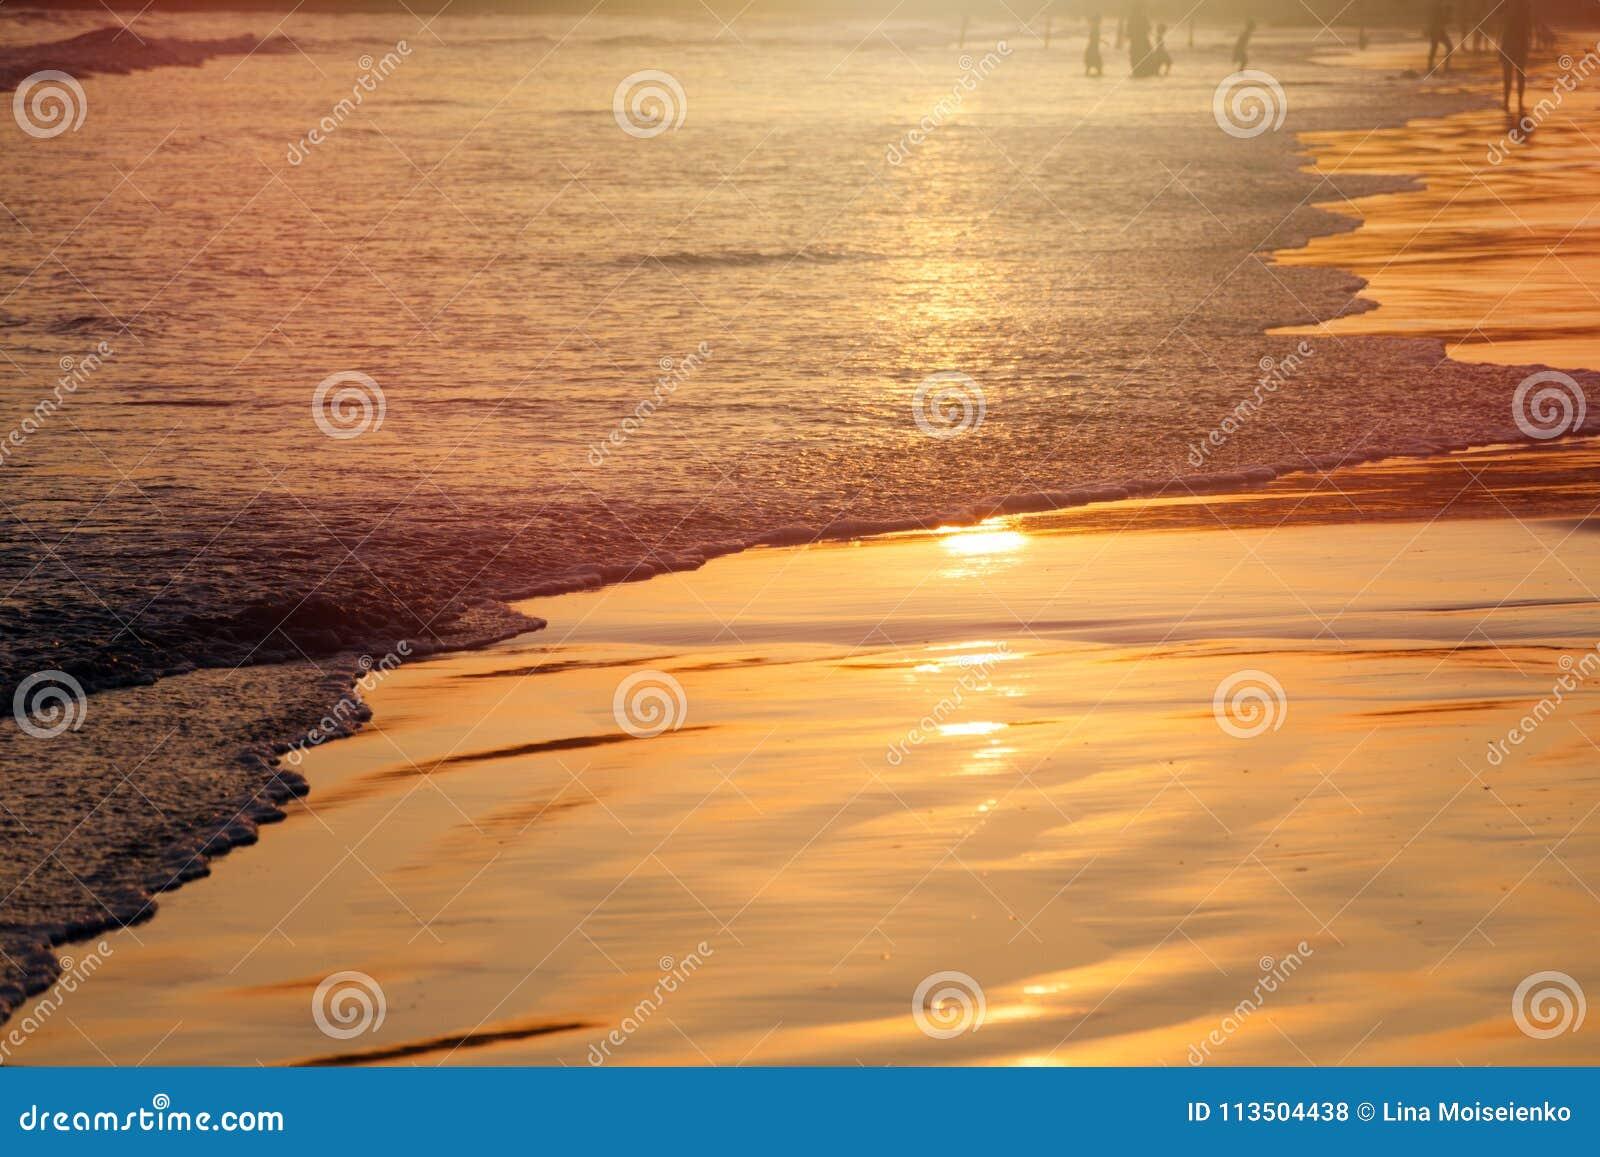 Tramonto sulla spiaggia tropicale nello Sri Lanka - il colore dorato ondeggia l acqua di mare, siluetta della gente su fondo